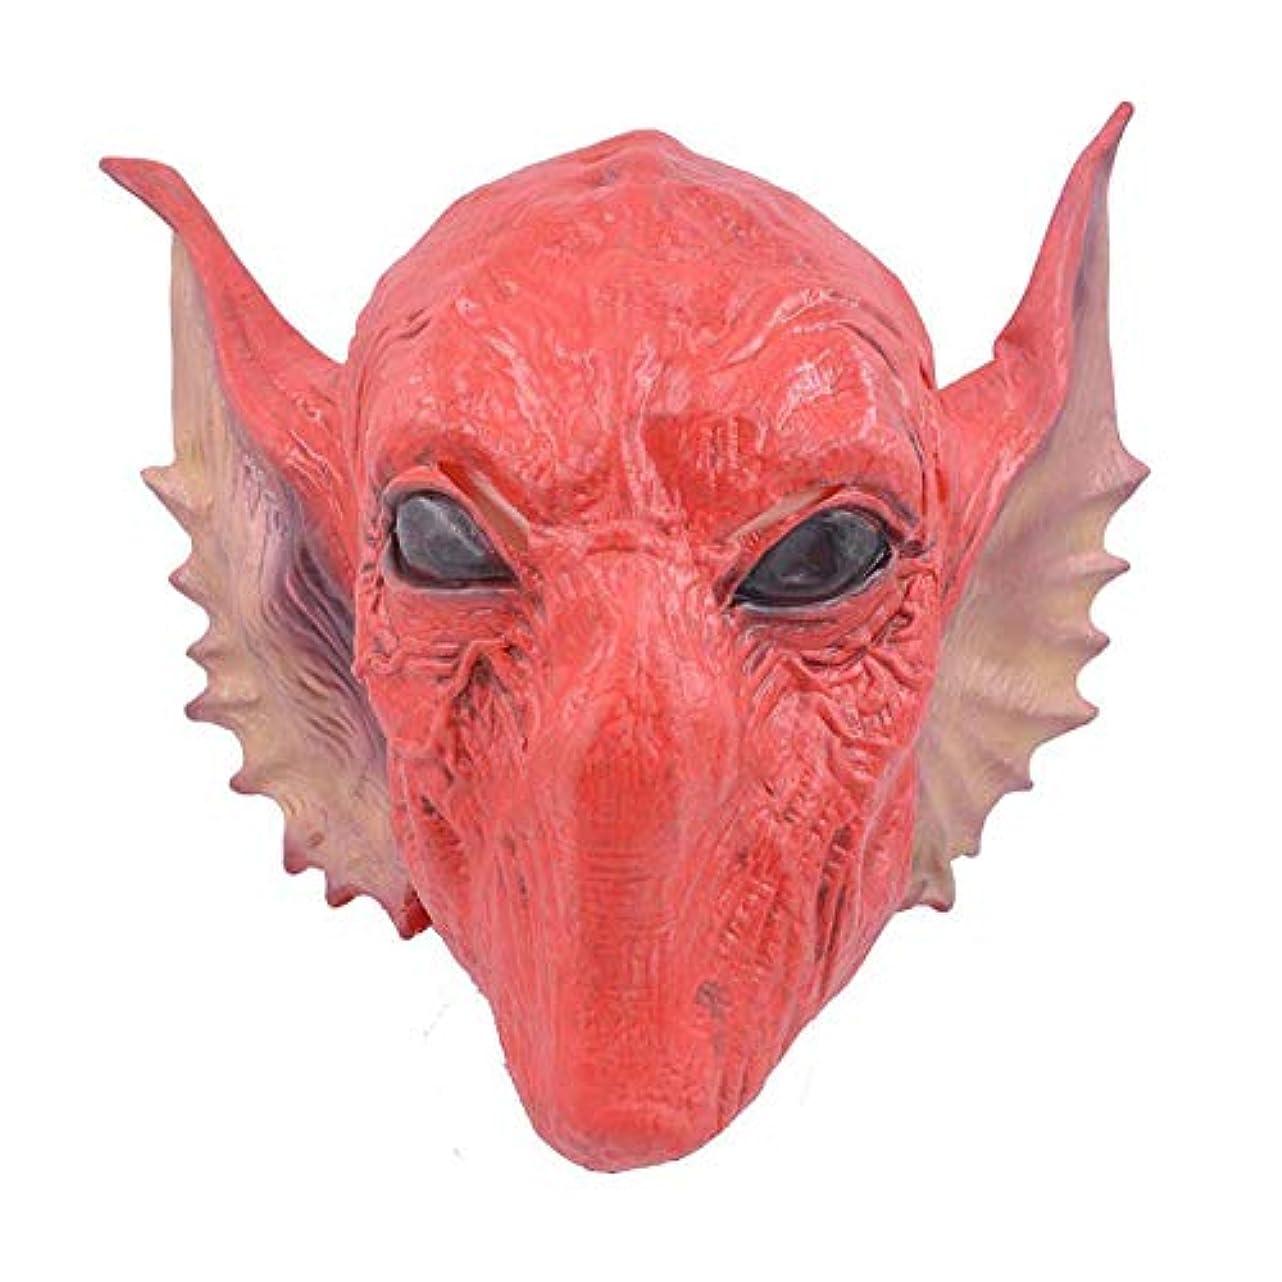 尾ジュラシックパーク北方ハロウィーンマスク新しい赤いエイリアンセットSF映画テーママスクcosホラーマスク